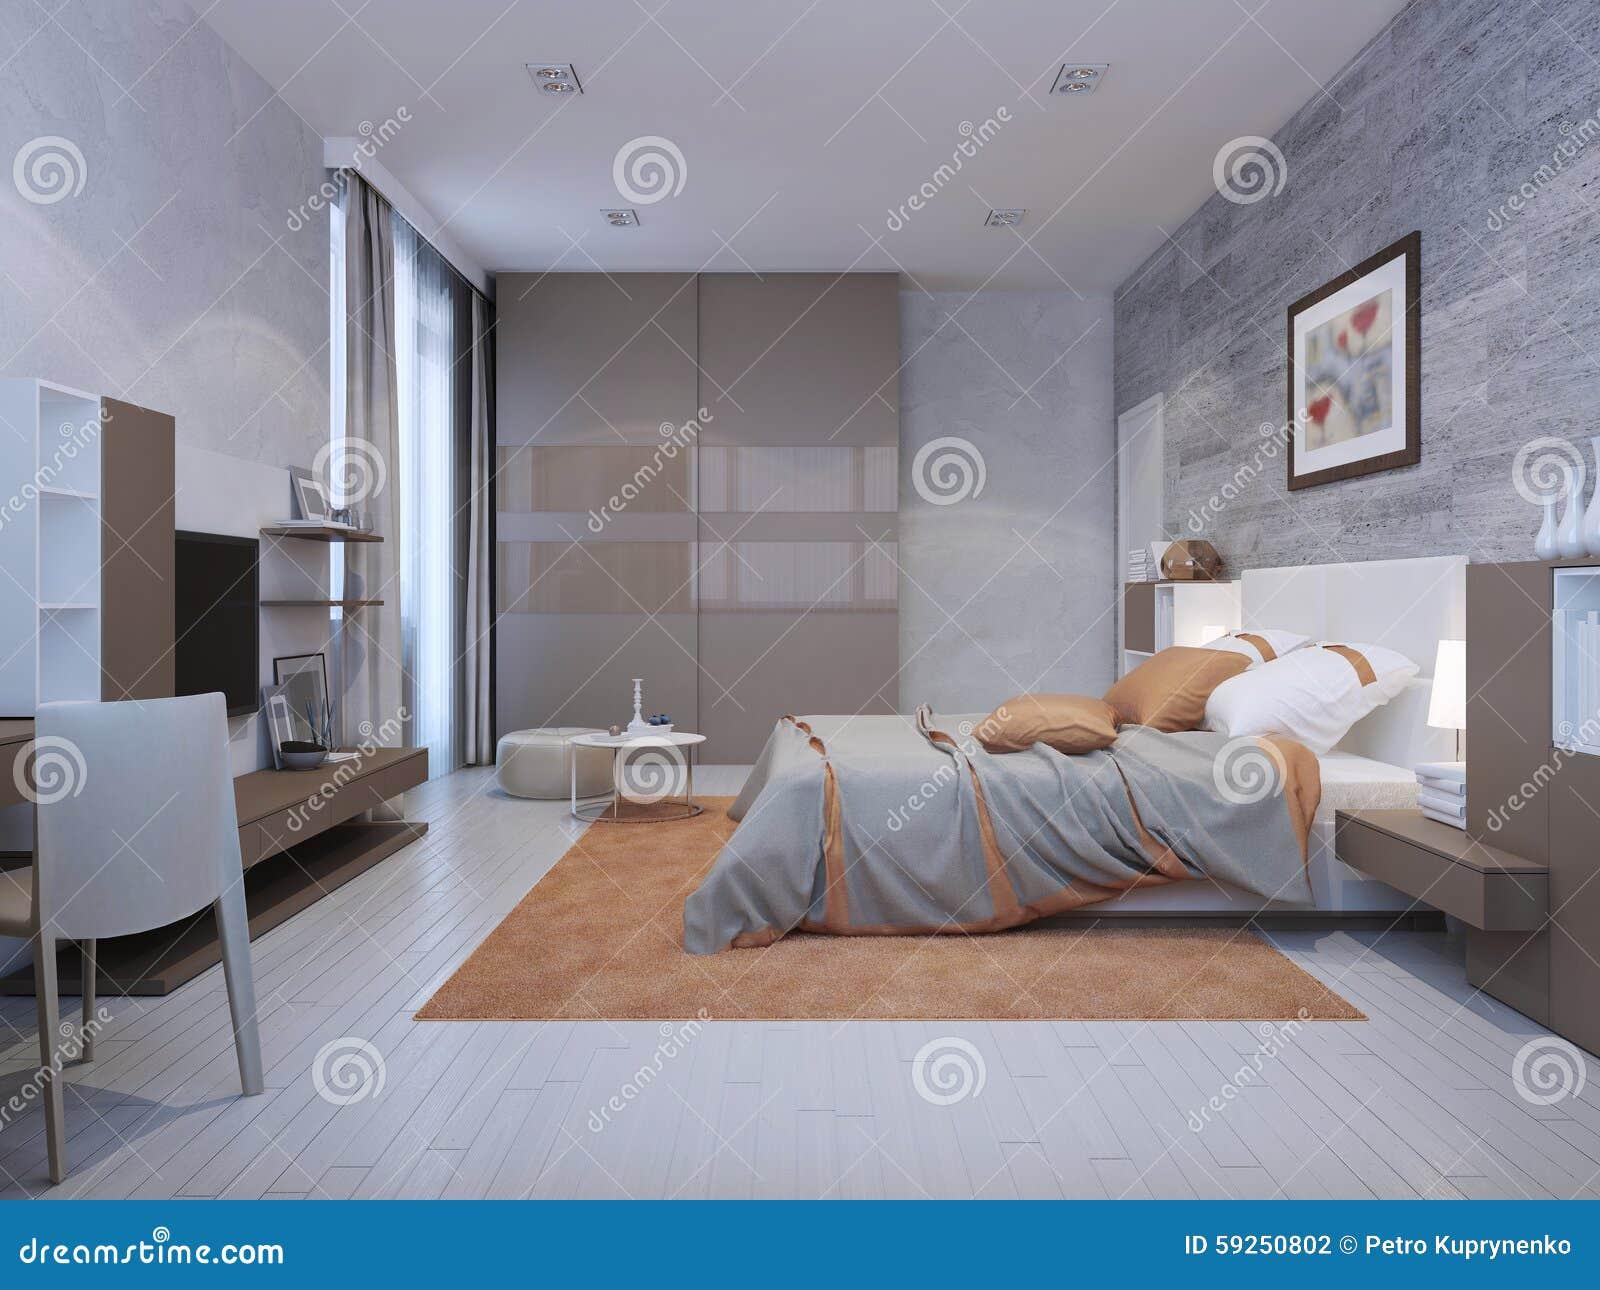 Camere Da Letto Art Deco : Stile di art deco della camera da letto illustrazione di stock